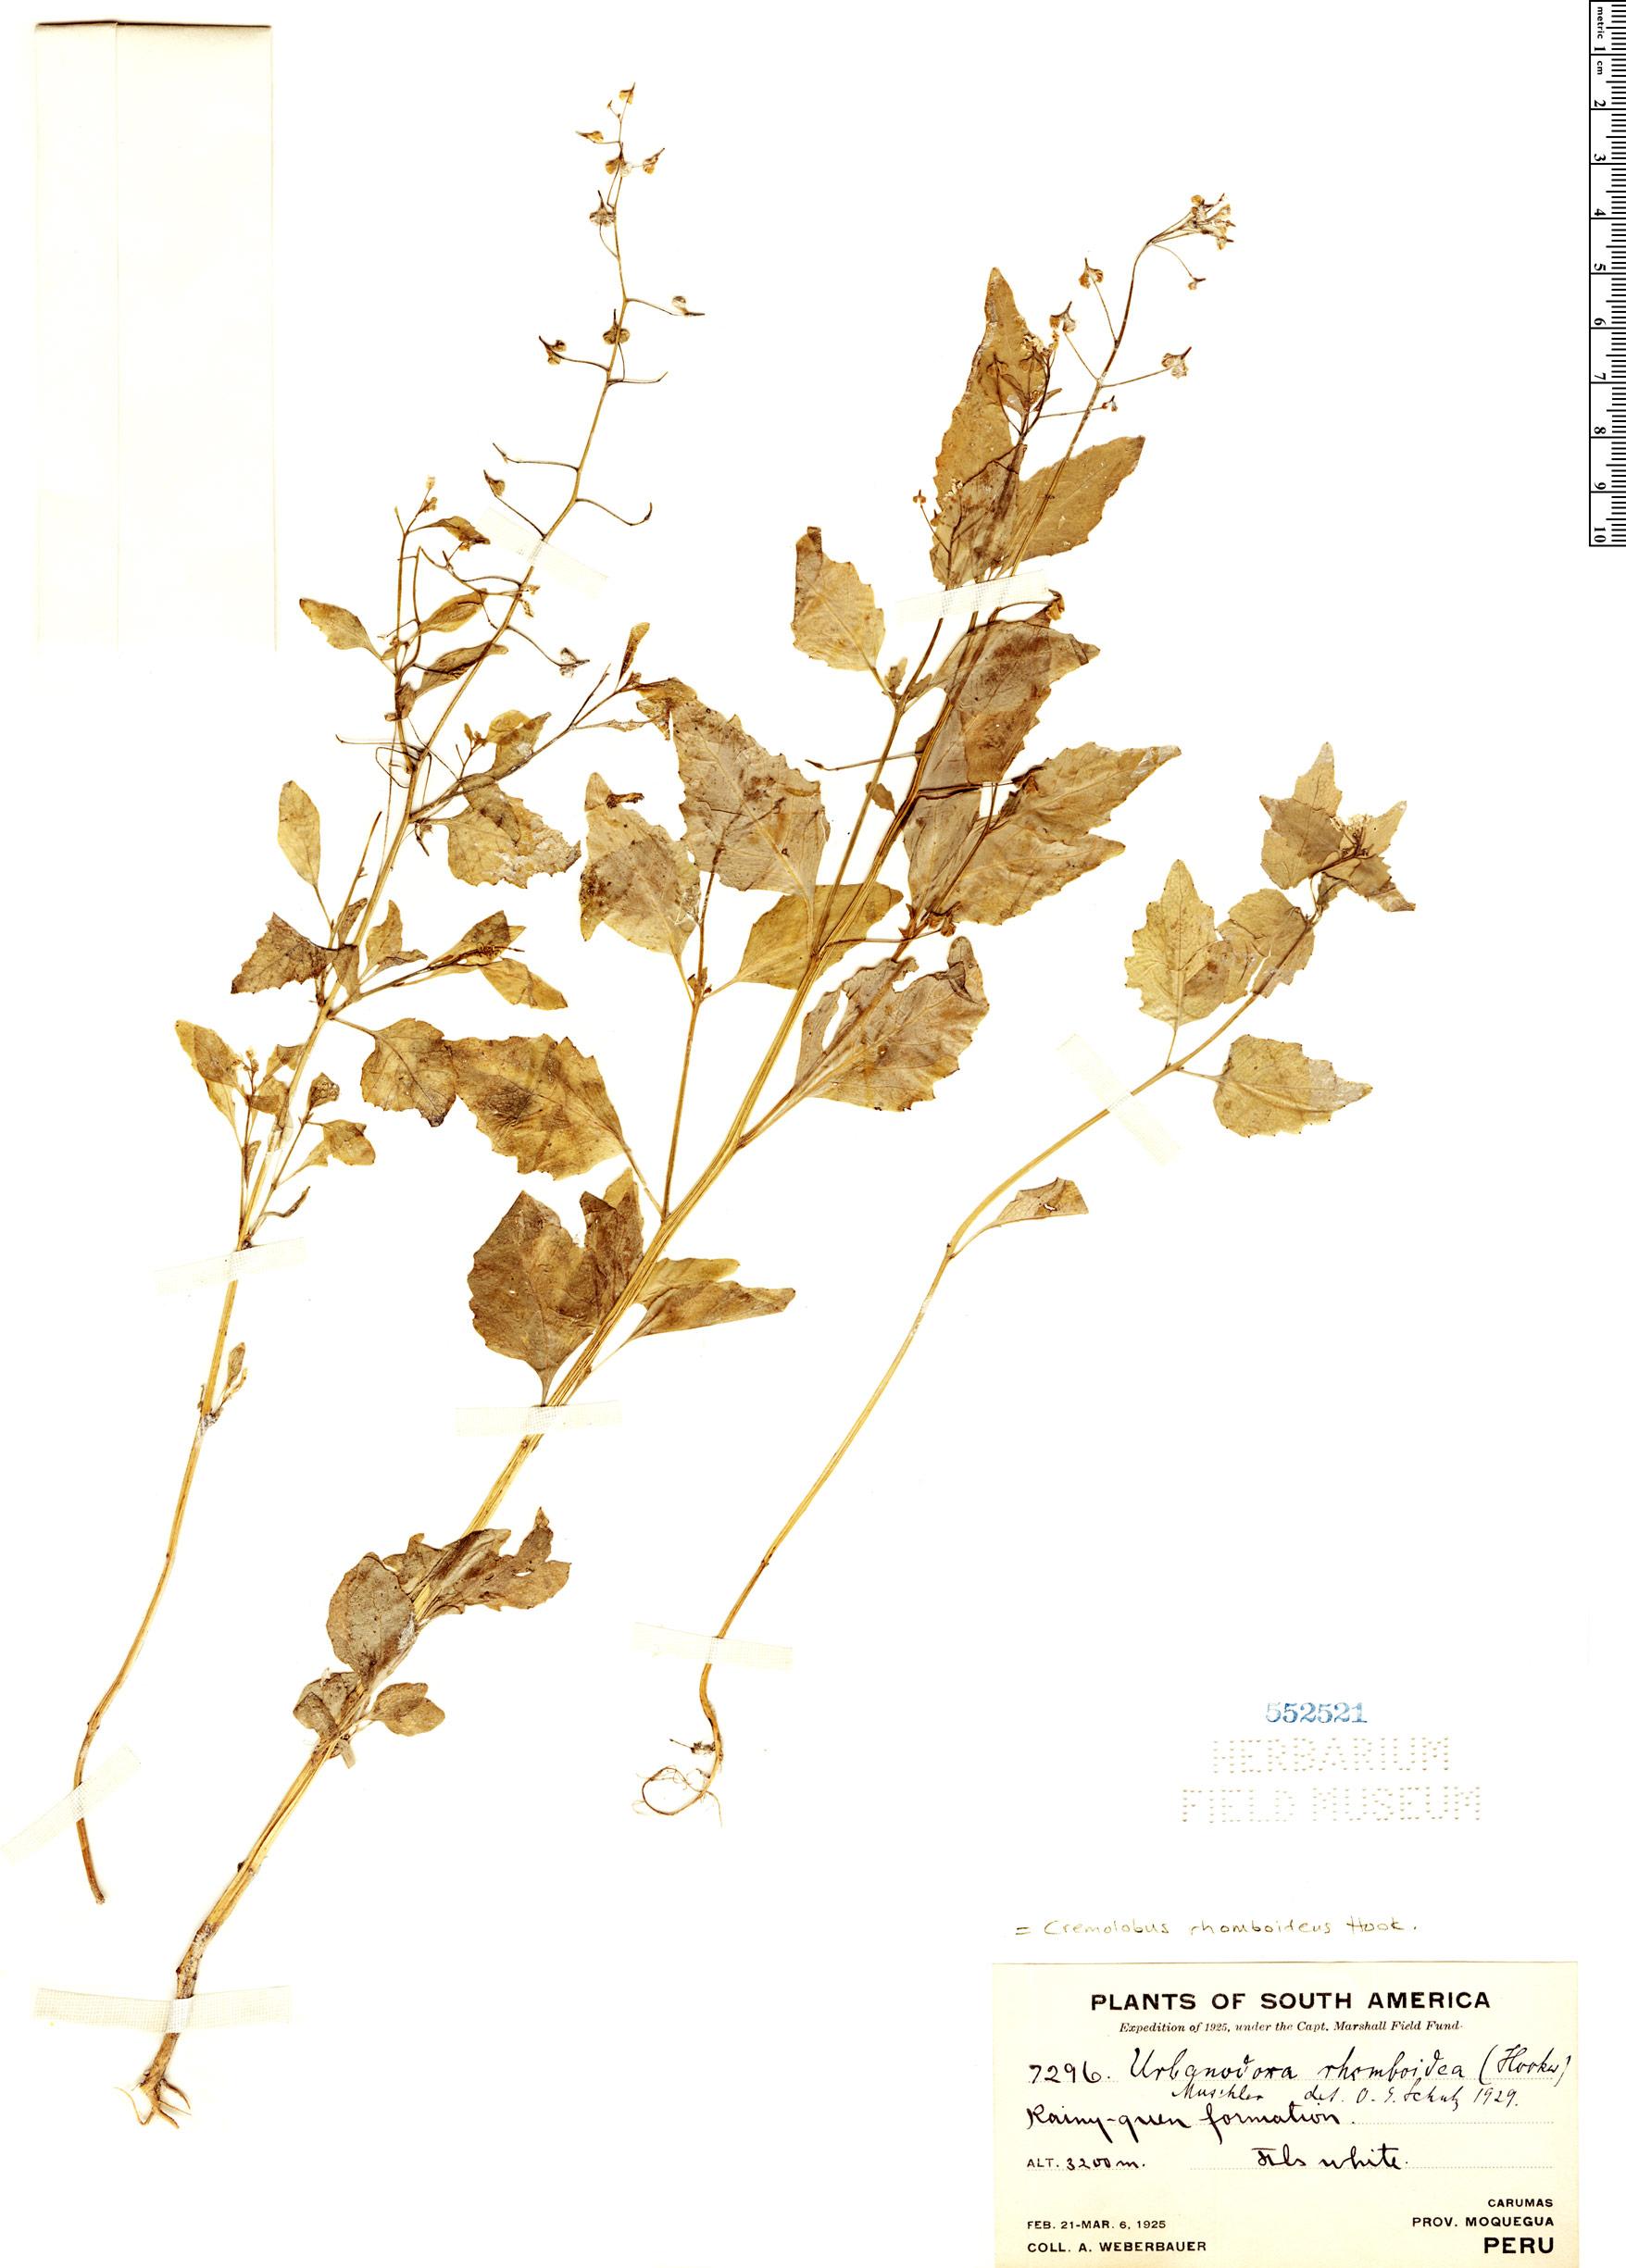 Espécime: Cremolobus rhomboideus